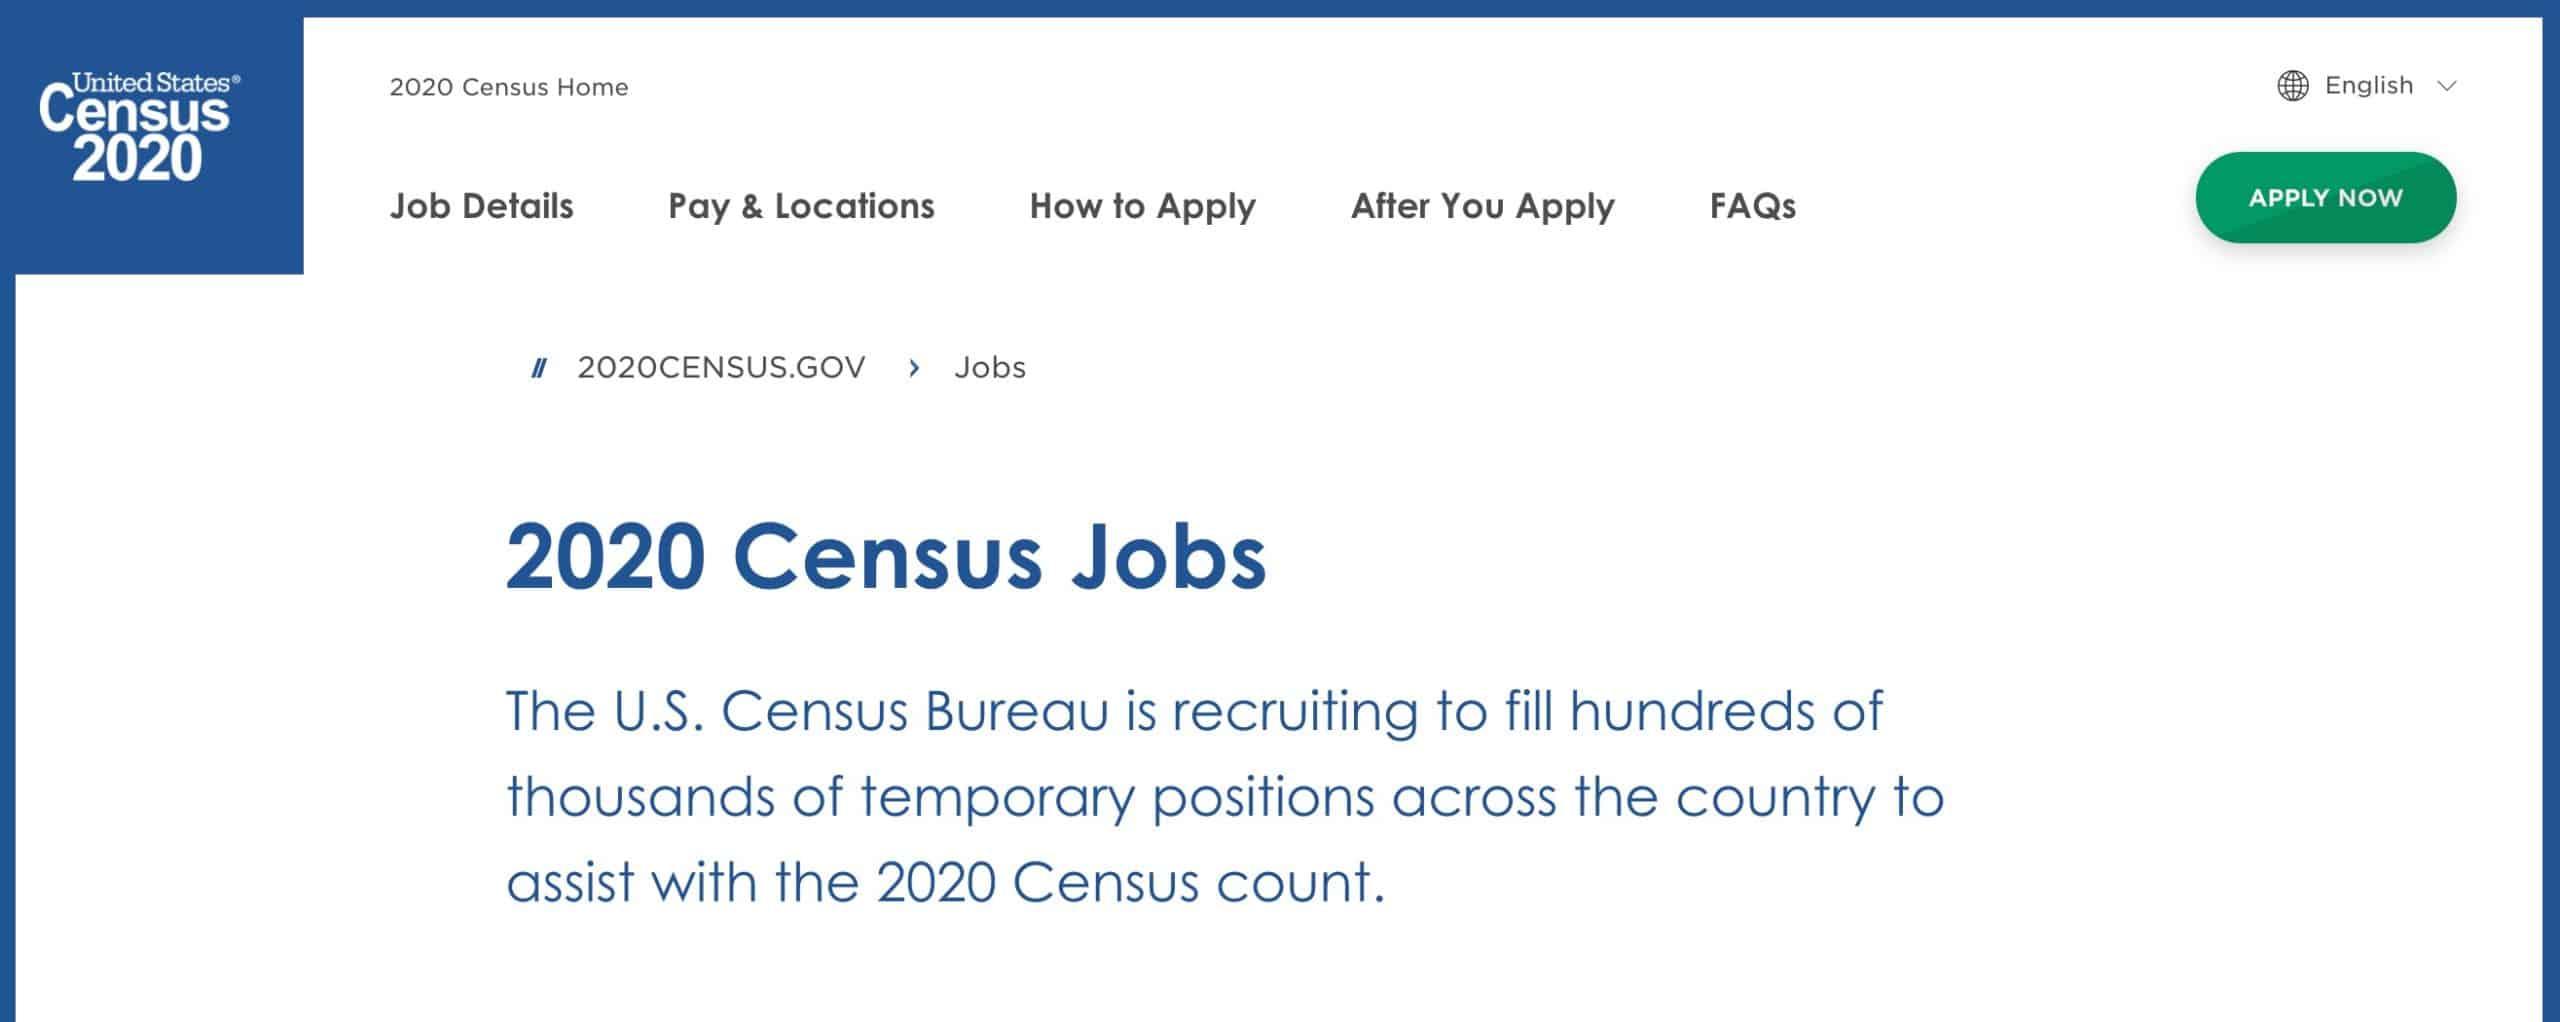 Census Jobs 2020